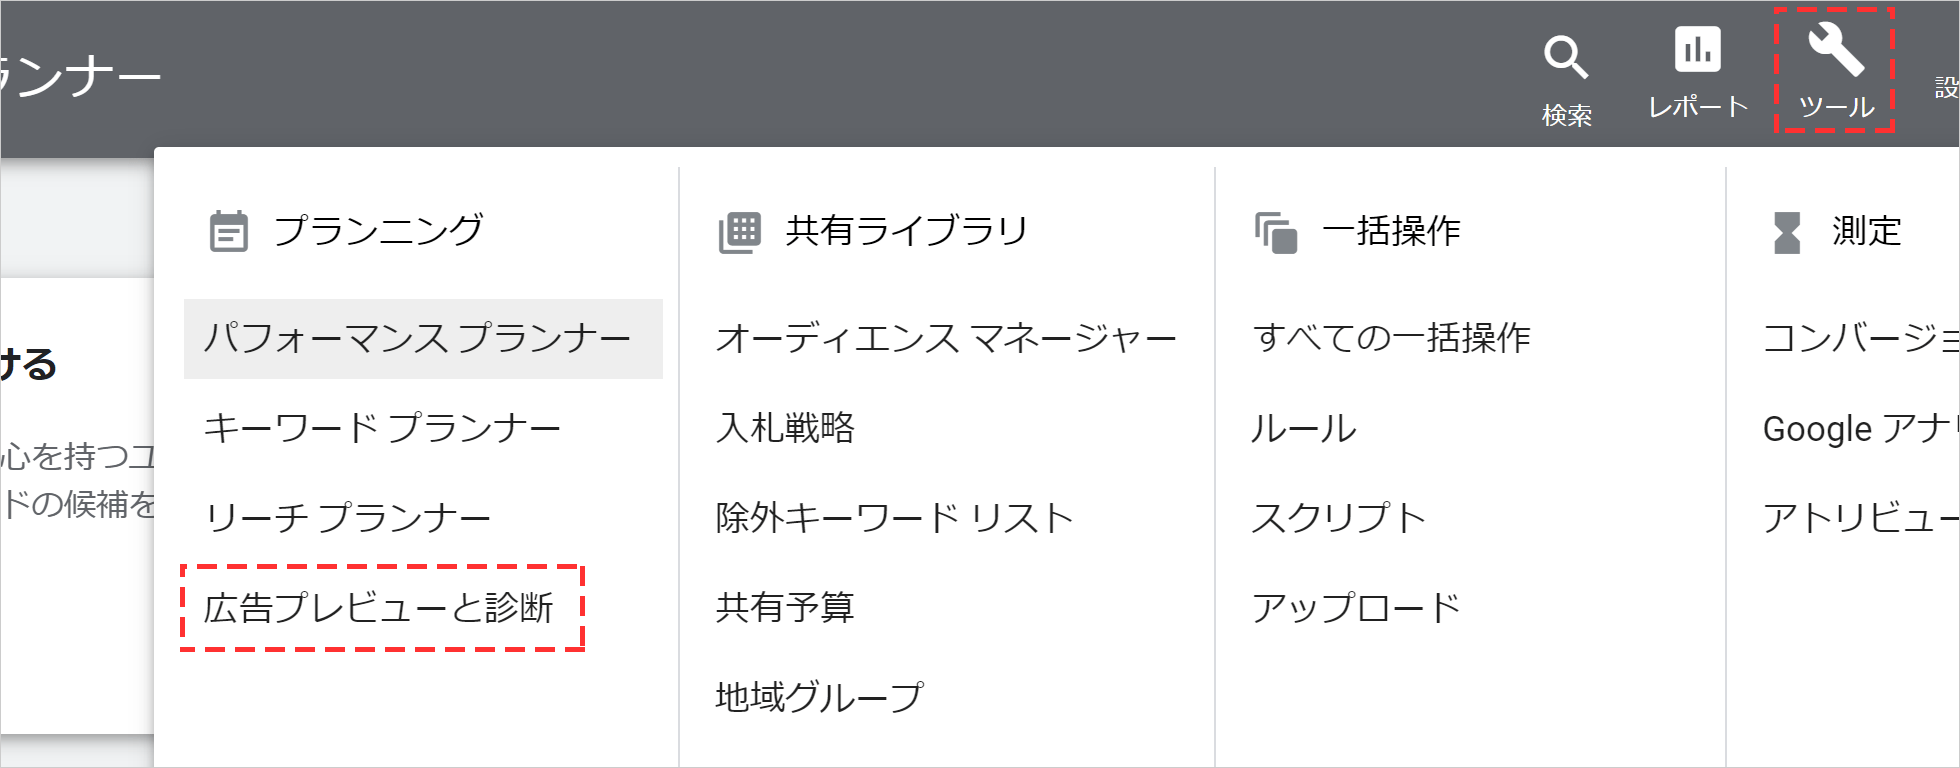 ローカル検索の掲載順位をGoogle広告のツールで調べる方法①